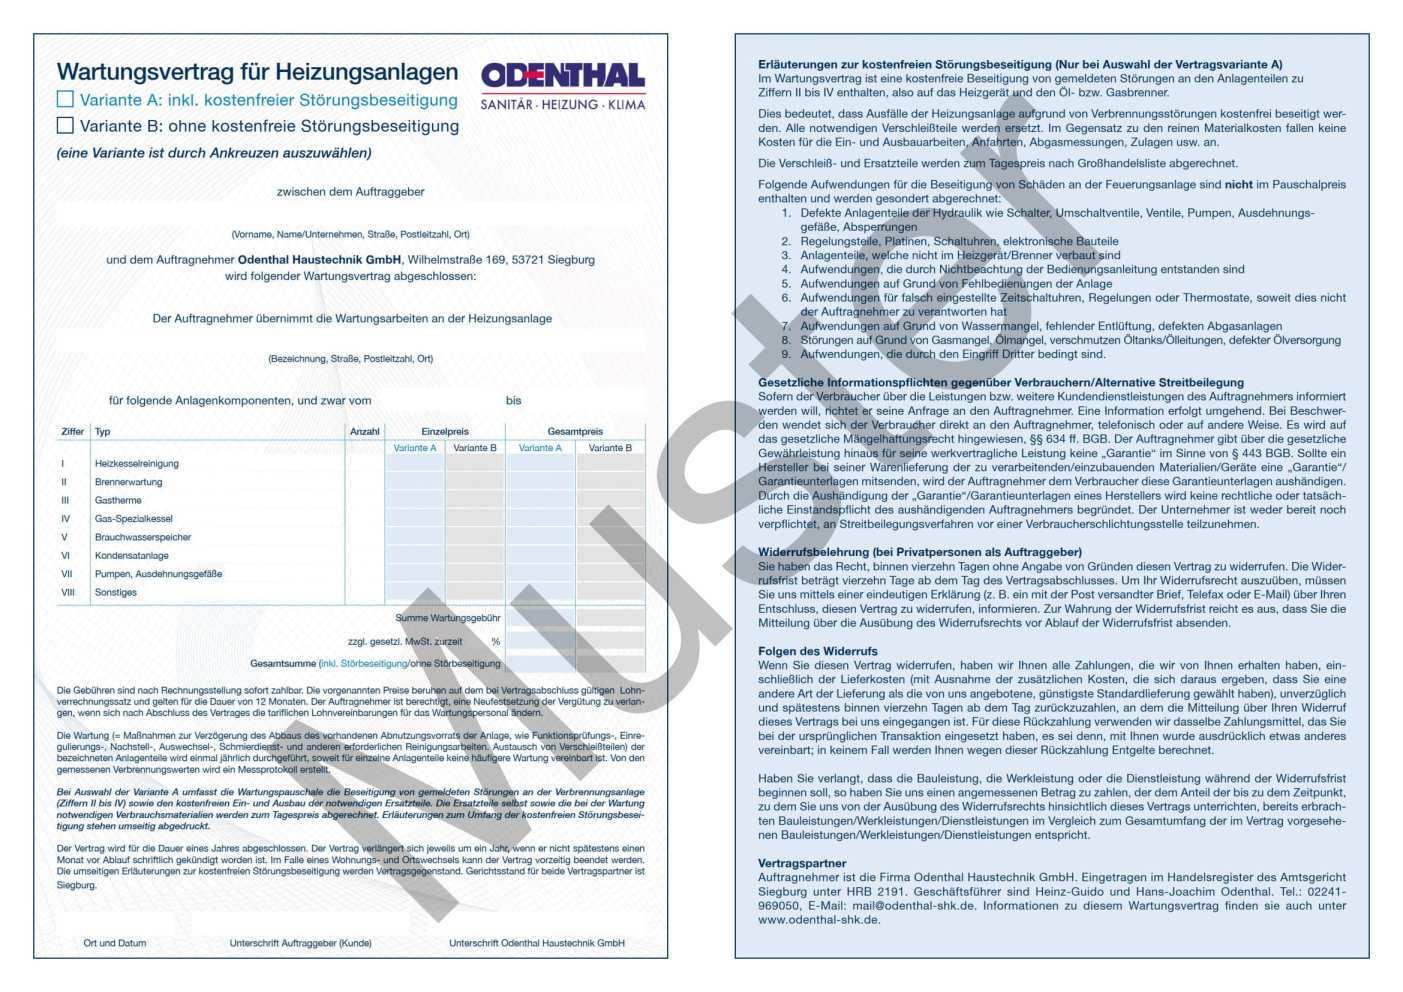 Der Wartungsvertrag Odenthal Sanitar Heizung Klima Siegburg